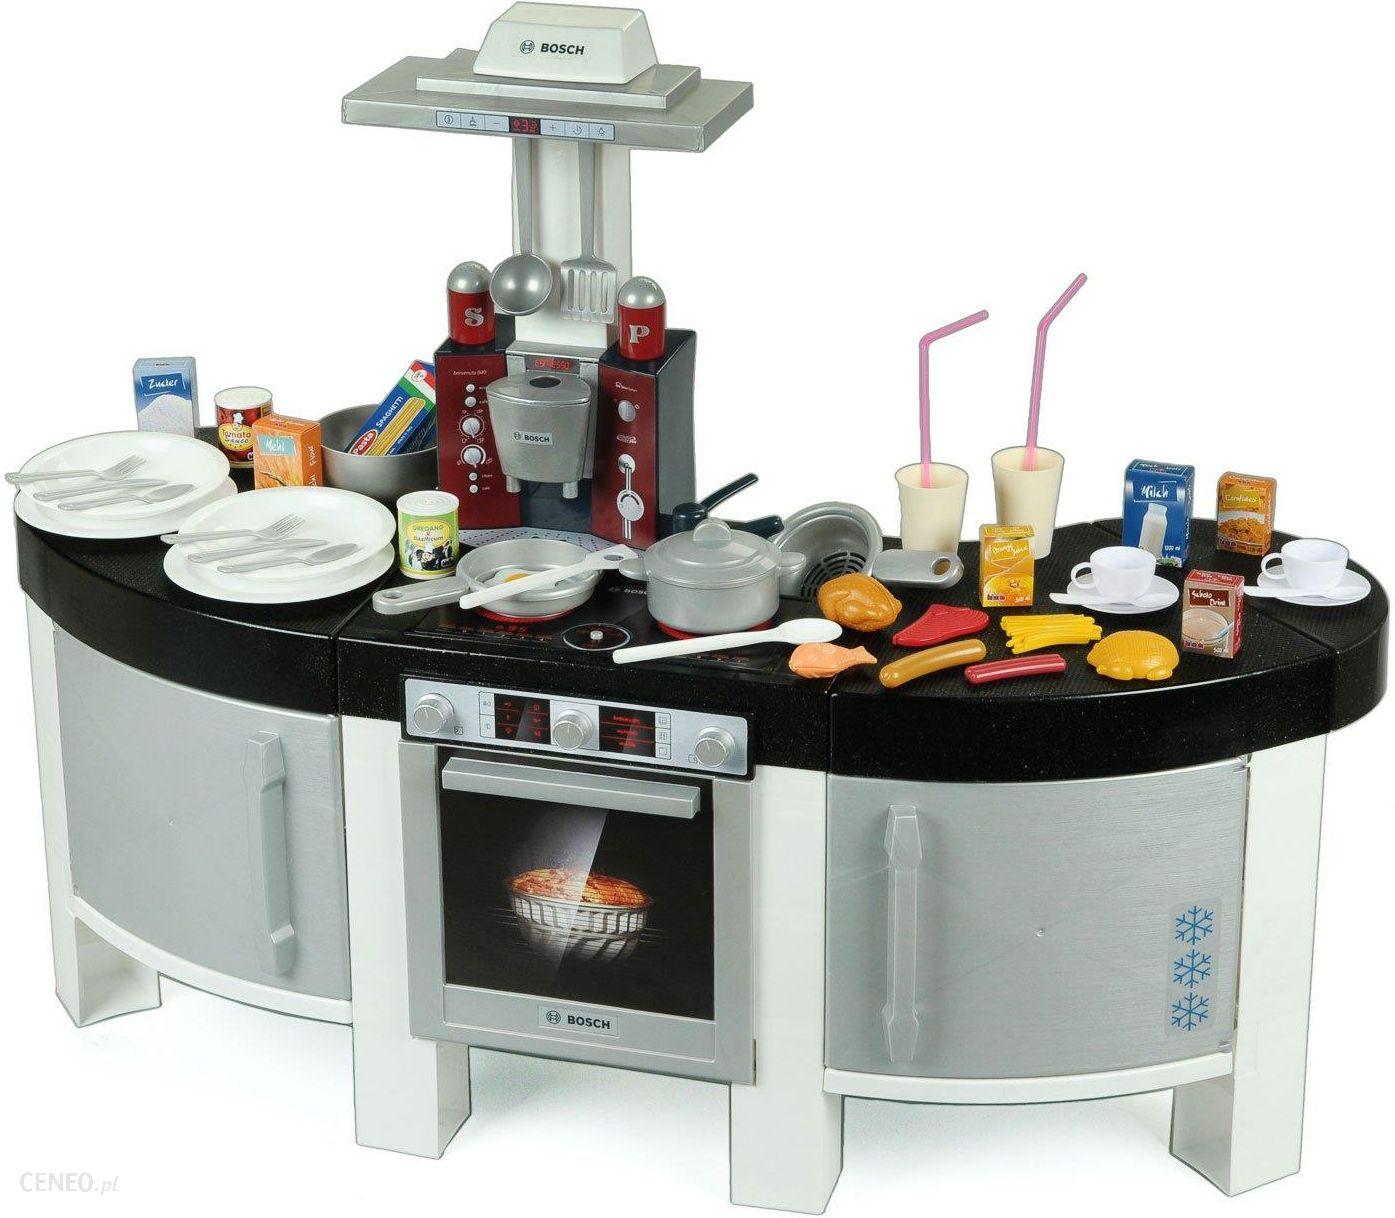 Zabawka Klein Elektroniczna Kuchnia Bosch Vision Swiatlo Dzwiek 9291 Ceny I Opinie Ceneo Pl